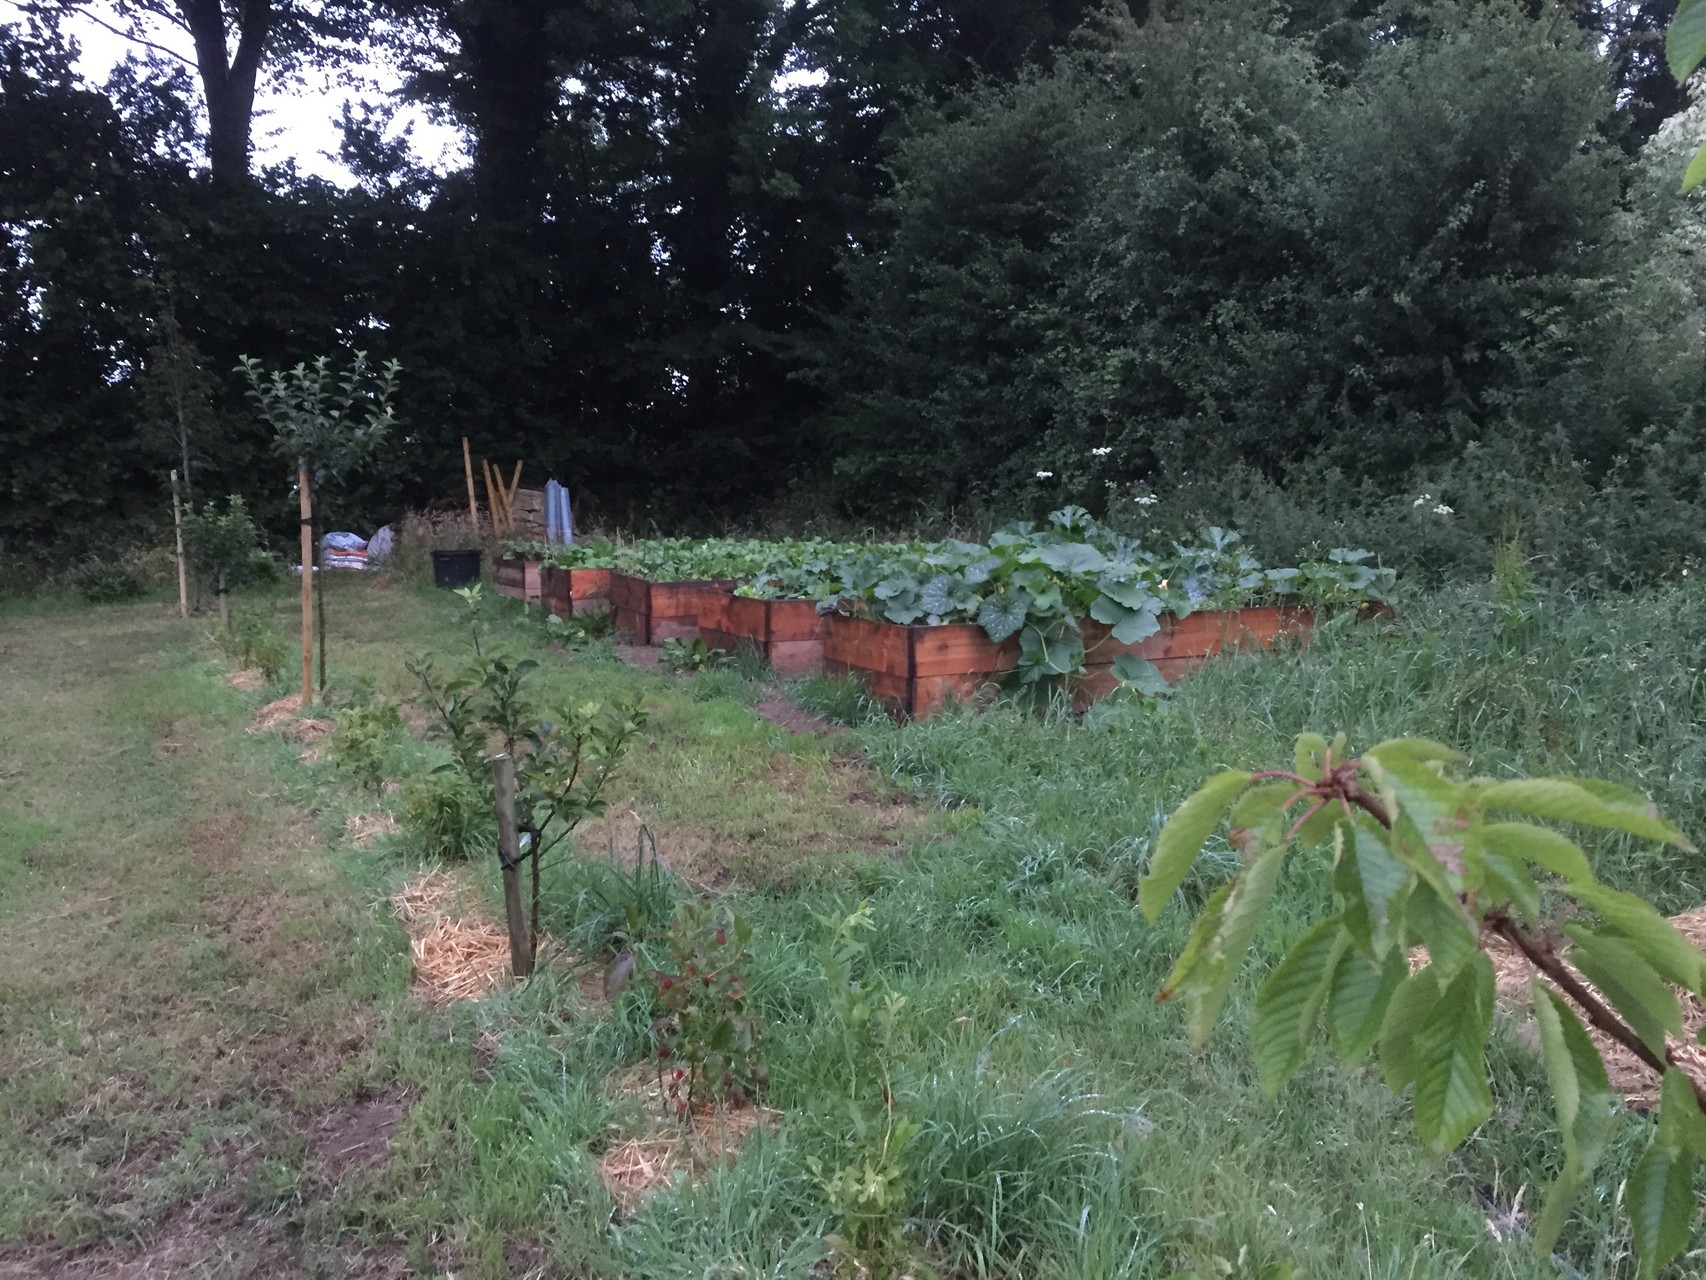 Mes nouveaux bacs en bois à légumes. 50 cm de haut, le pied pour travailler.